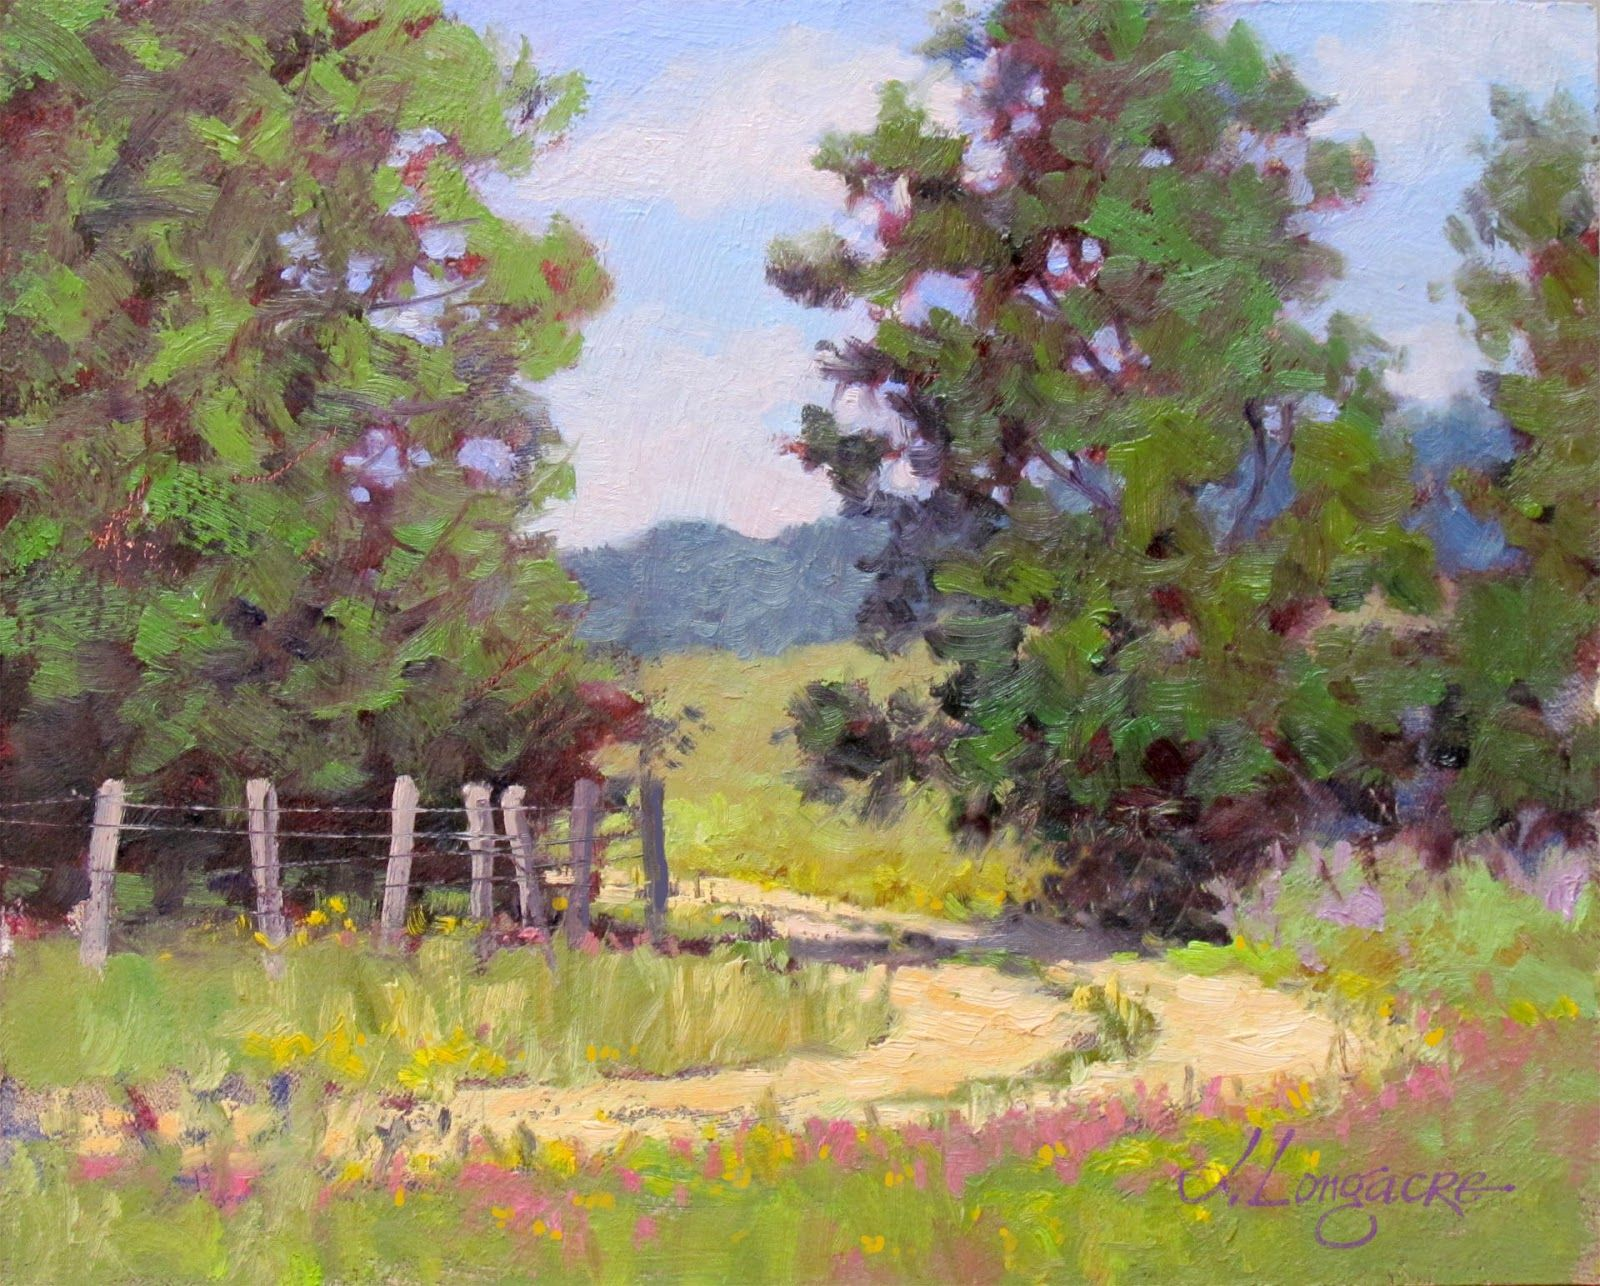 Landscape Impressionist Art Paintings Landscape Oil Painting By Texas Modern Impre Landscape Painting Artists Impressionist Landscape Plein Air Landscape